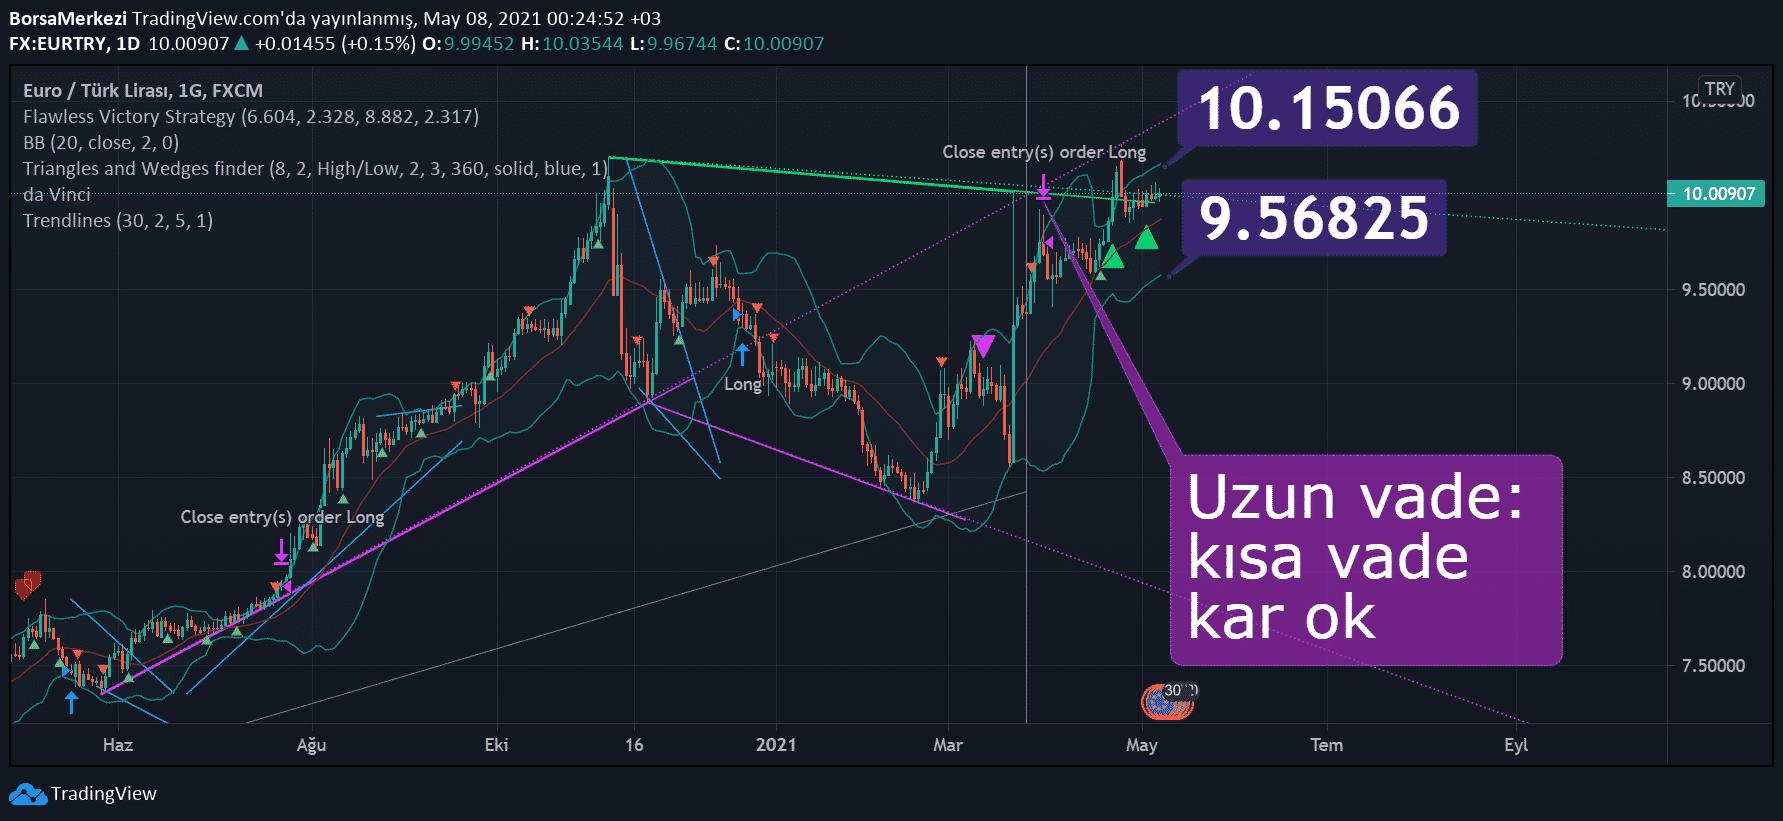 eurtry euro tl